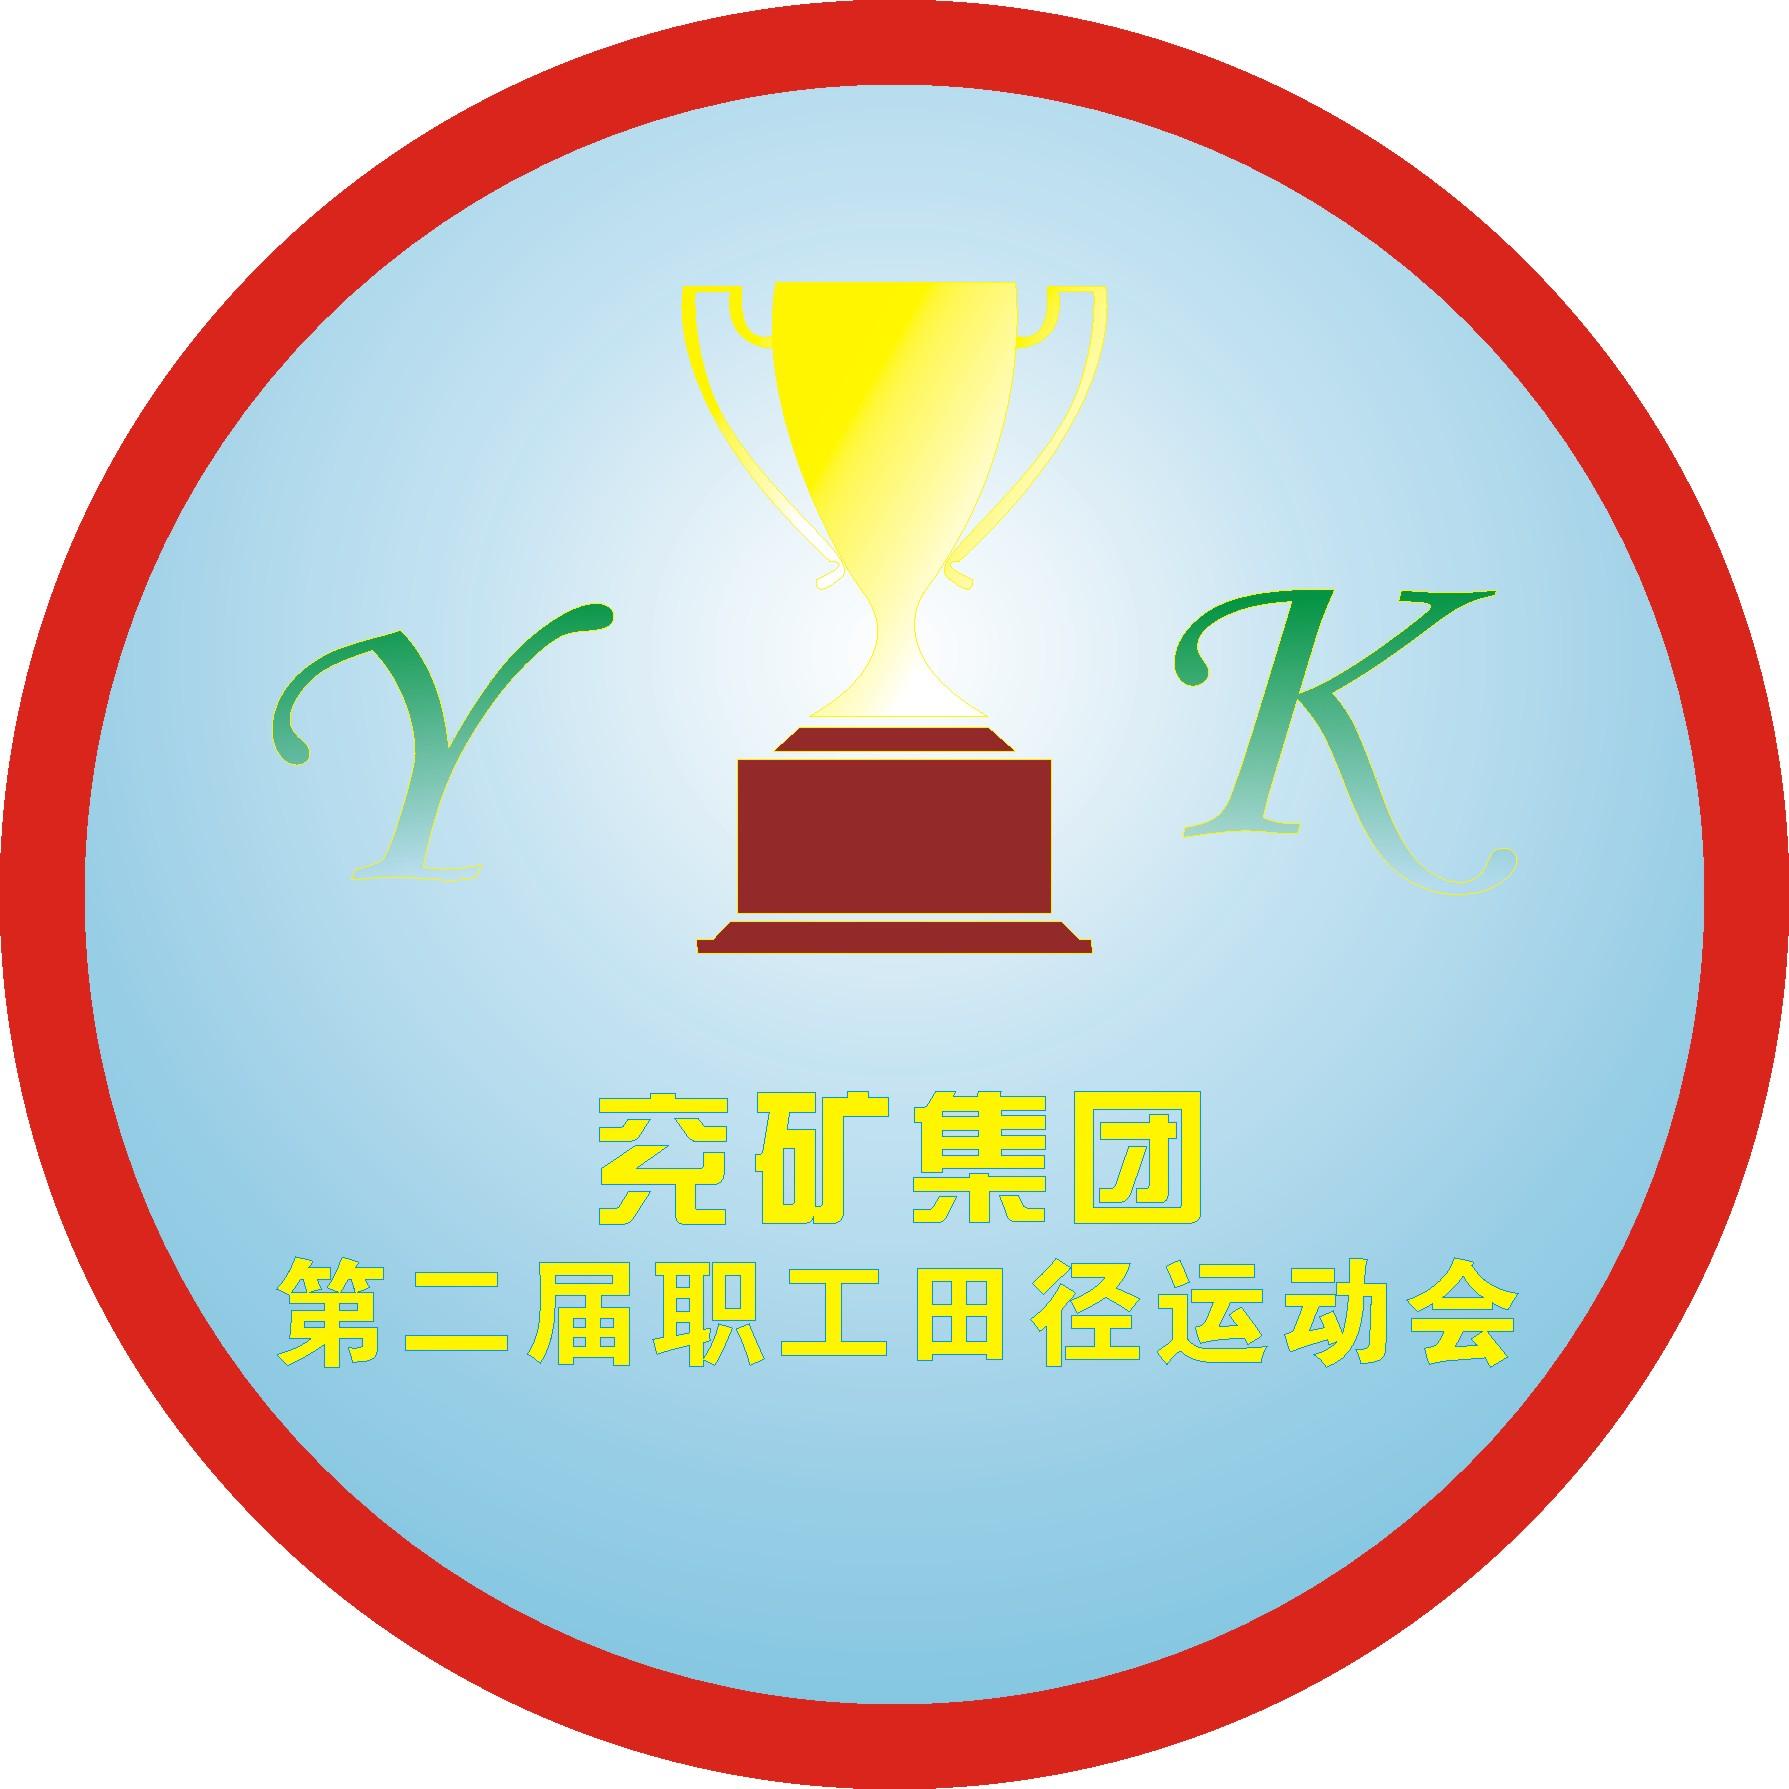 会徽设计图杨大全